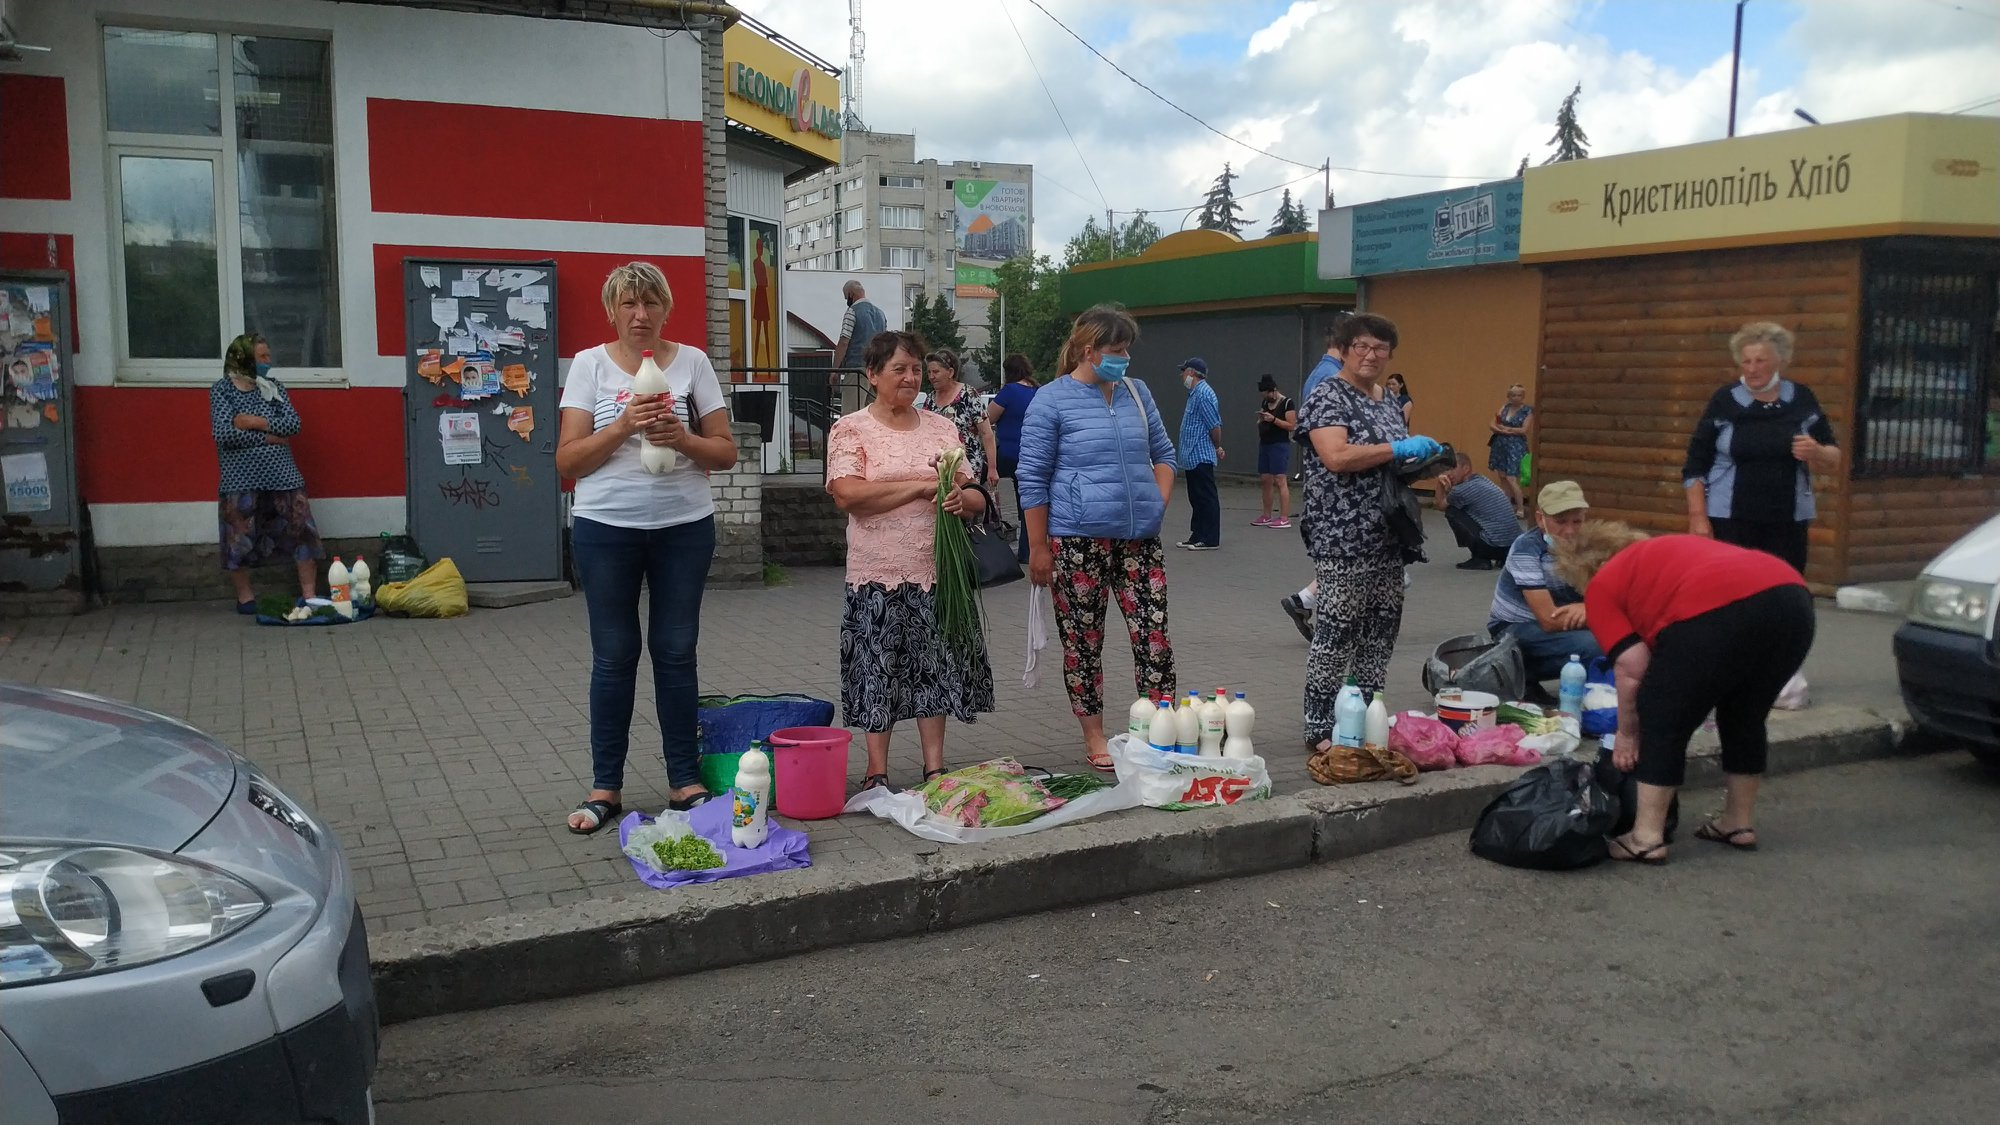 Із прилавка чи з асфальту? Чому в Червонограді не вдається викорінити стихійну торгівлю?